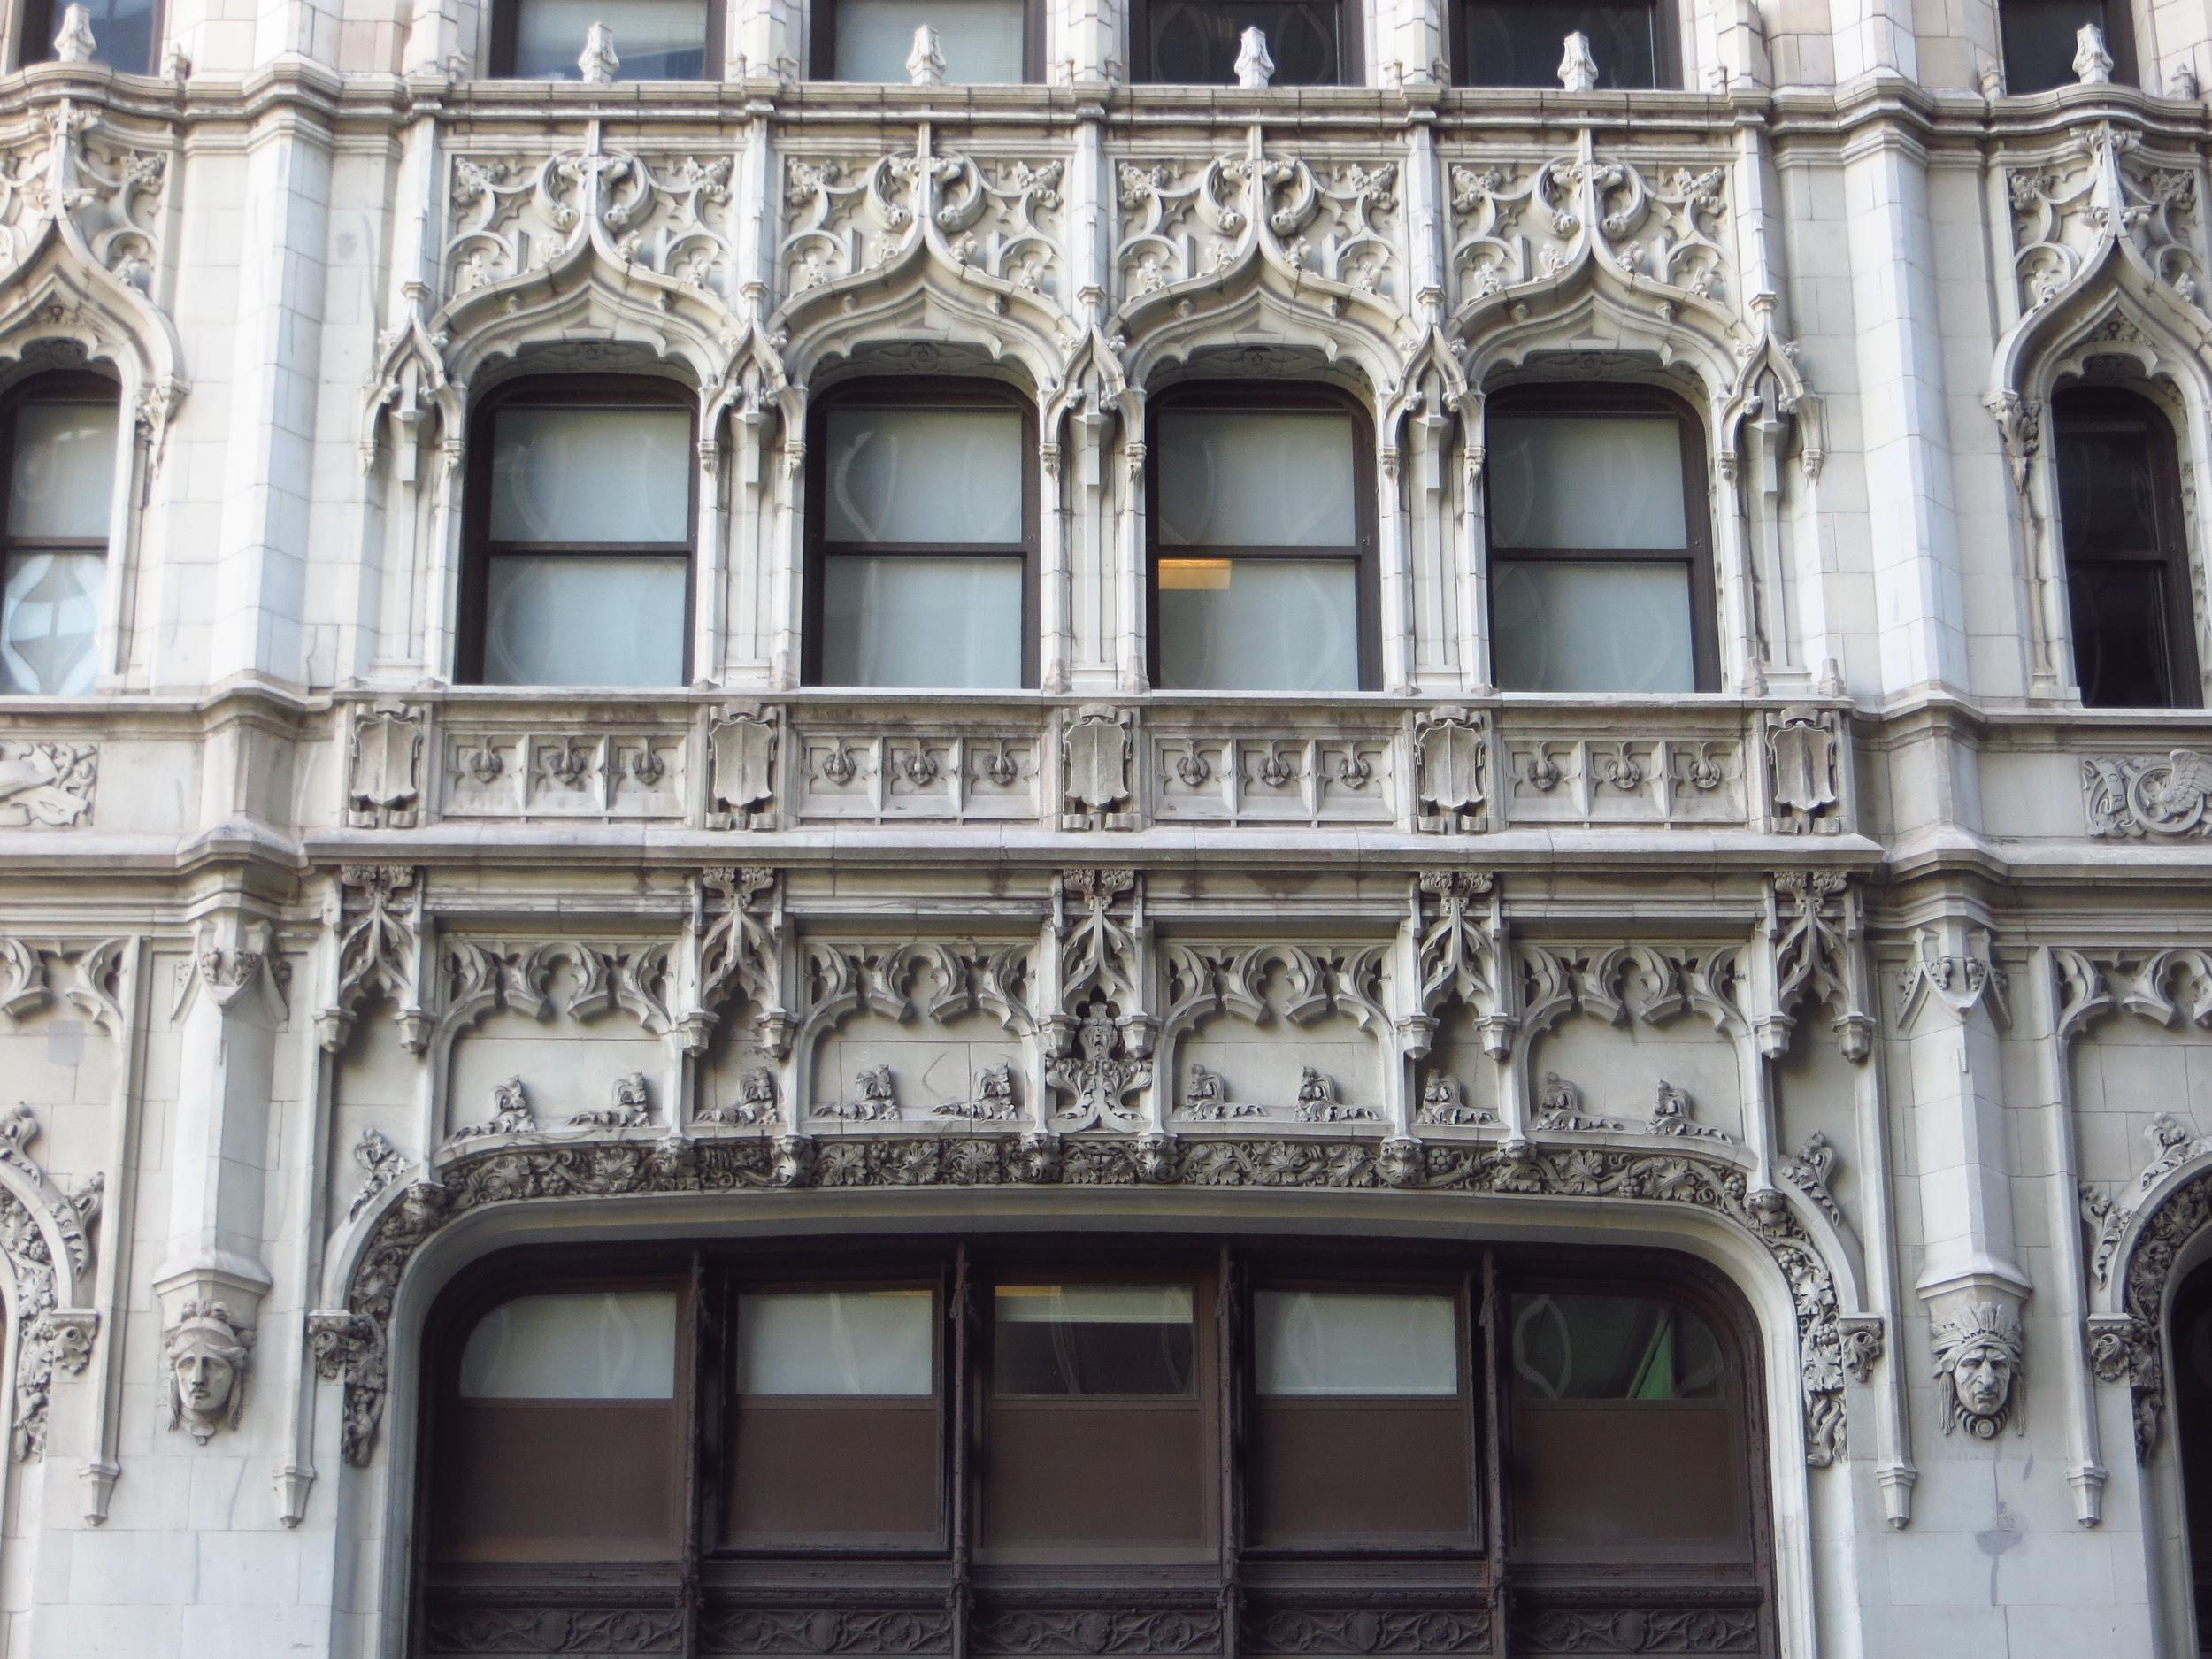 Woolworth Building facade